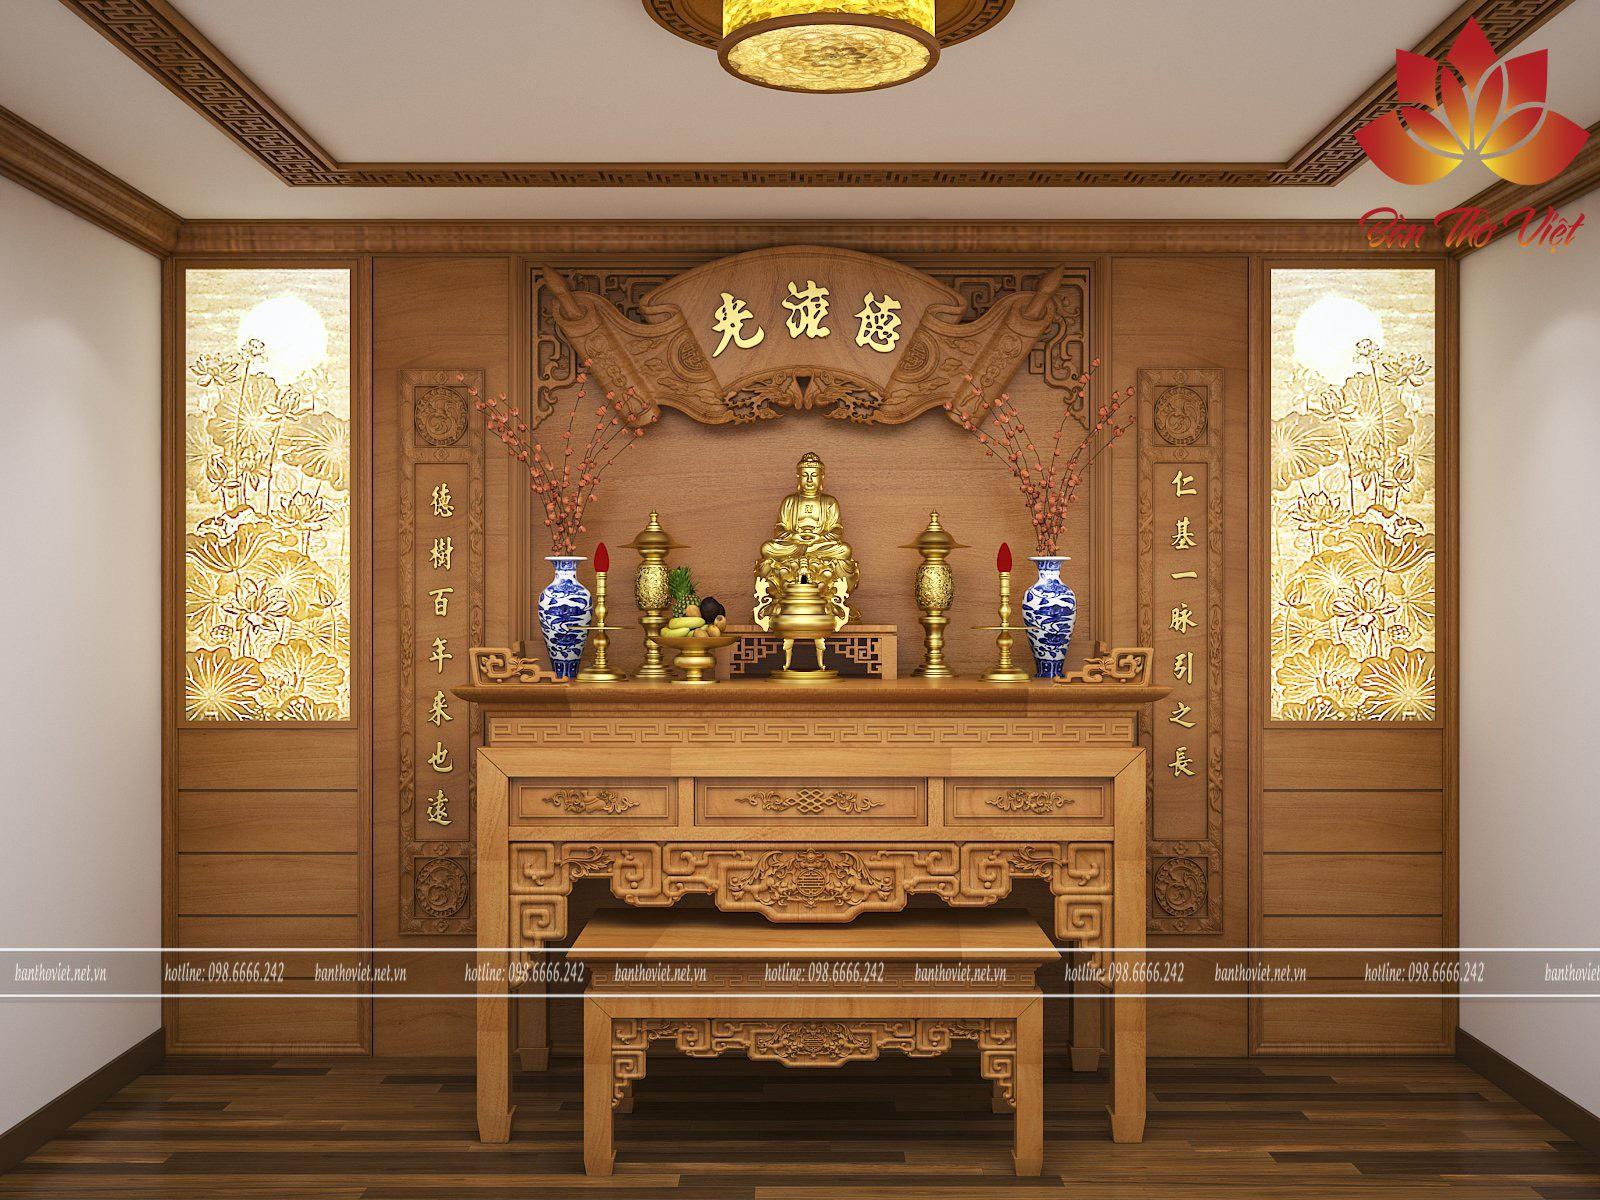 Màu sắc của bàn thờ nên được lựa chọn sao cho phù hợp với tổng thể không gian phòng khách